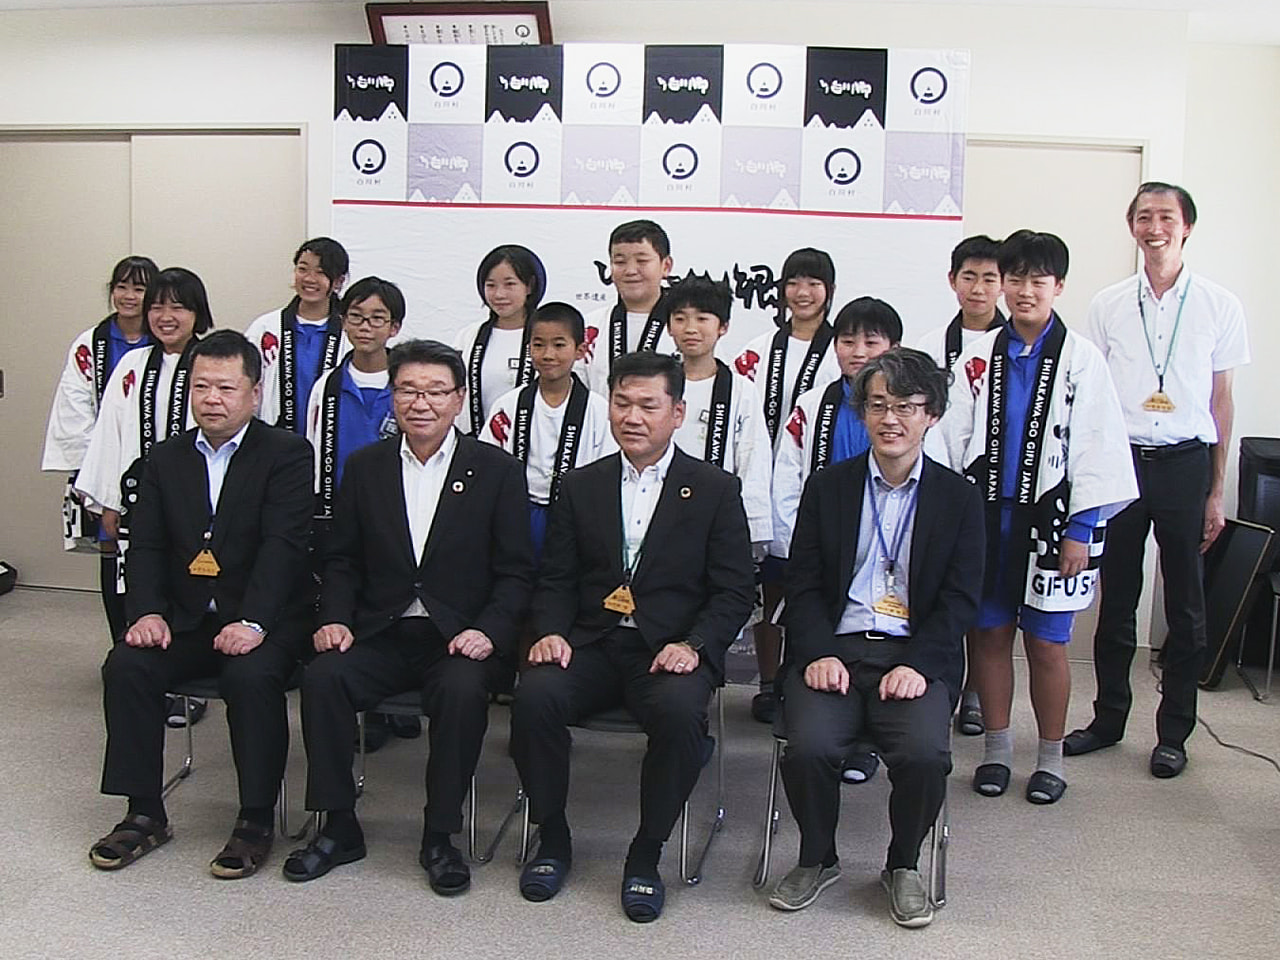 秋の修学旅行シーズンを前に、岐阜県白川村は白川郷学園の6年生12人をジュニア観光...